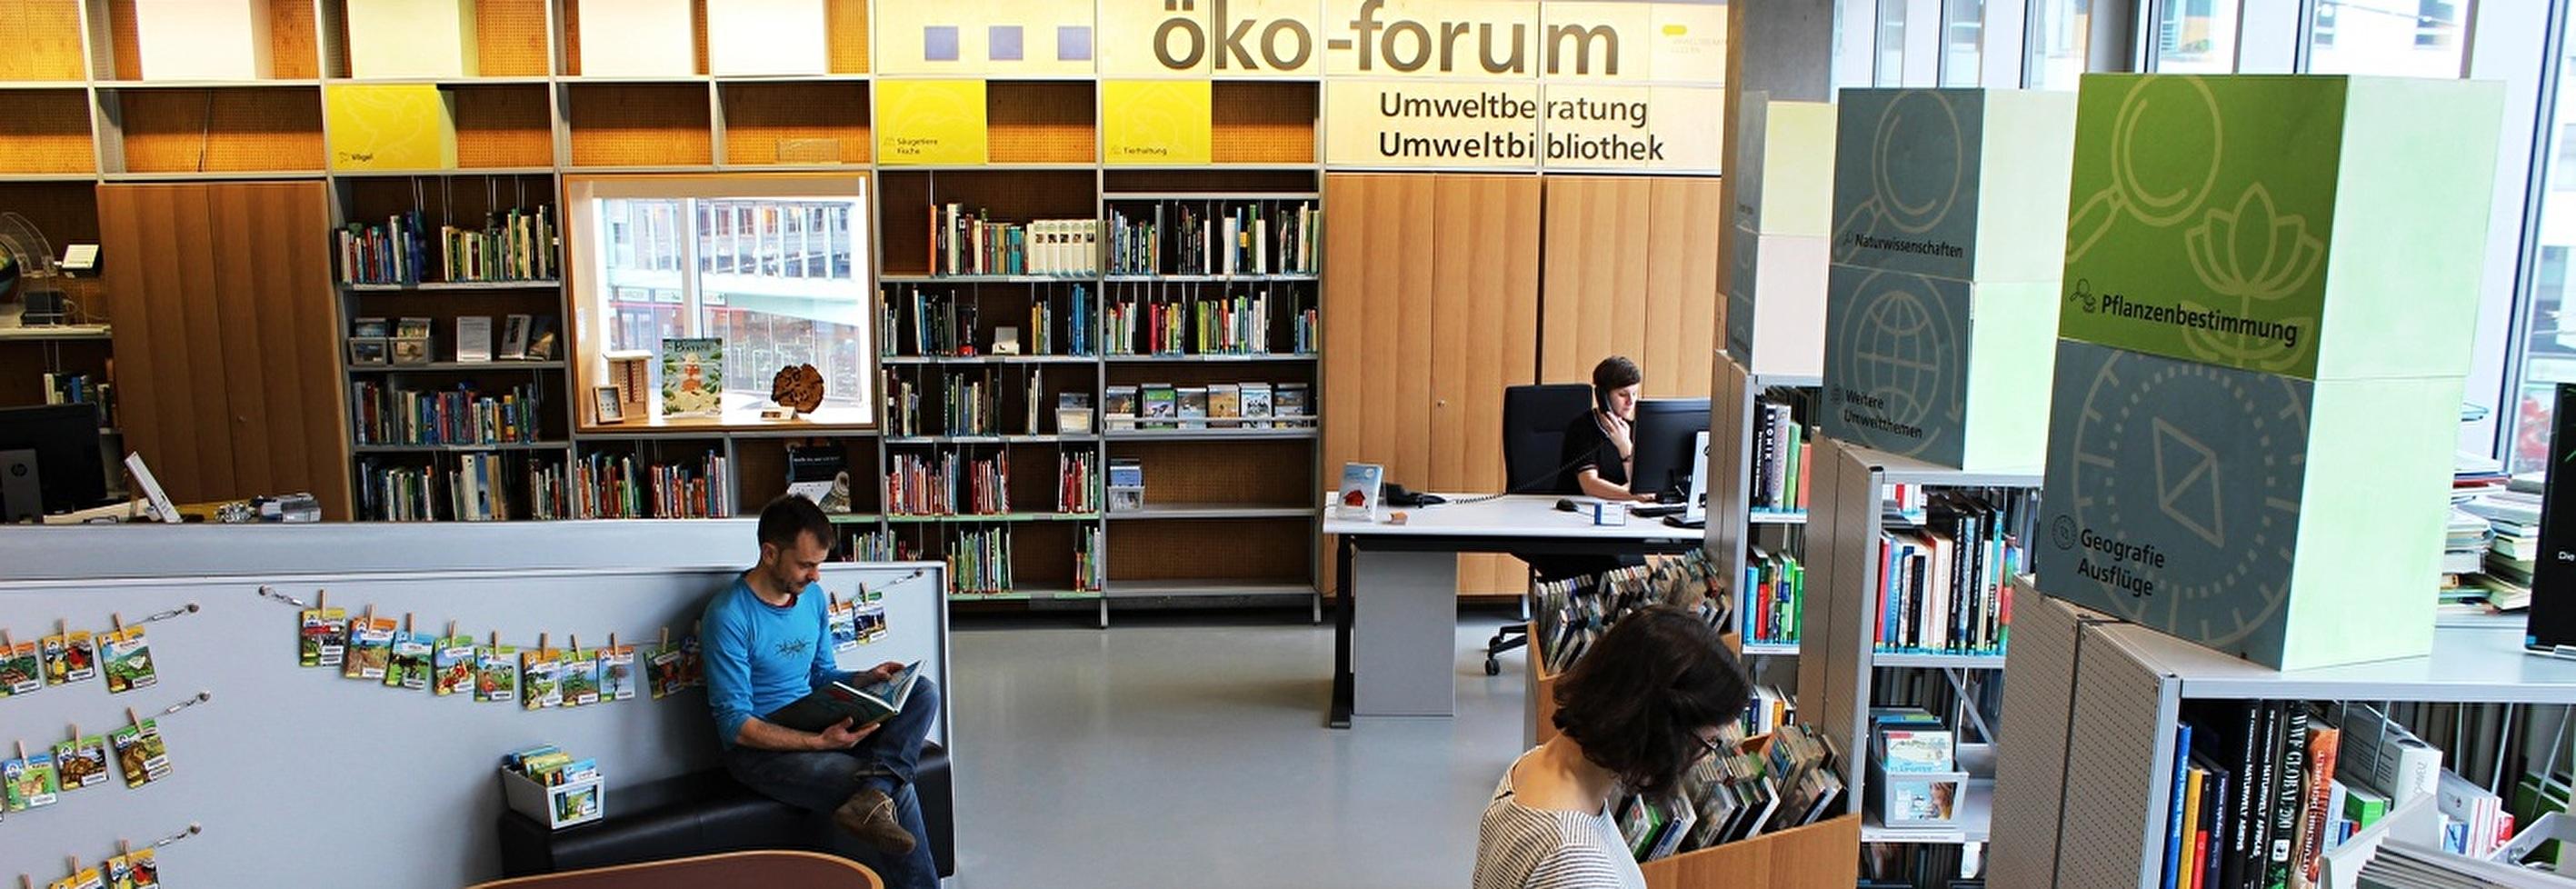 Blick ins öko-forum der Umweltberatung Luzern